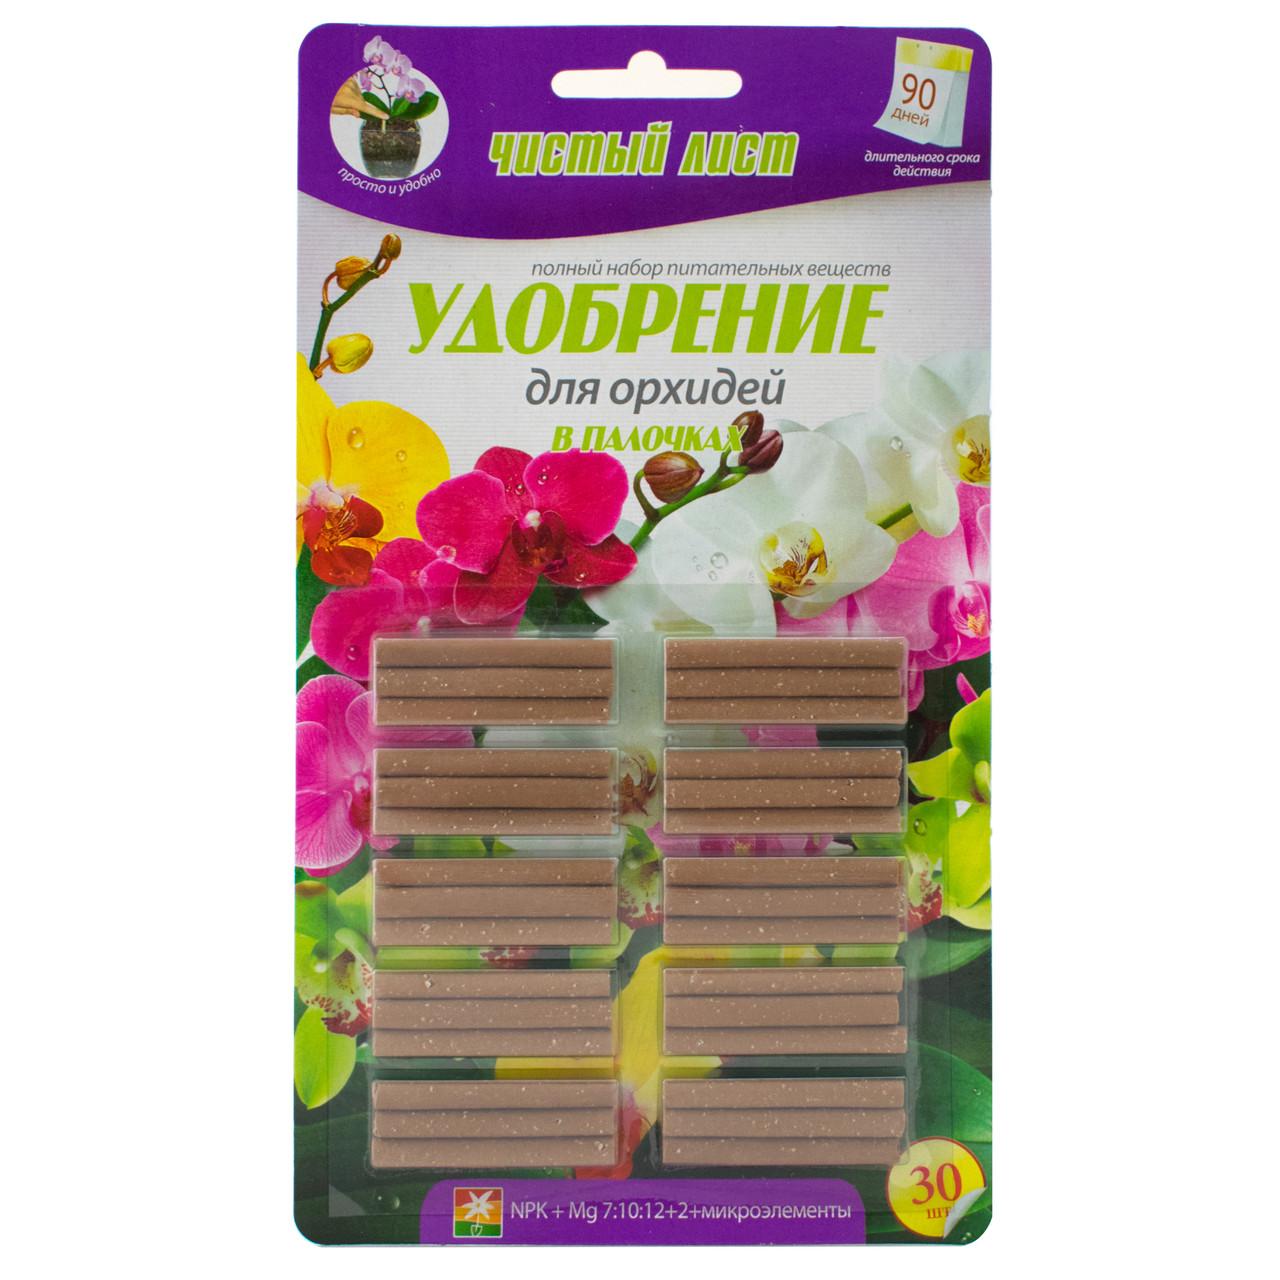 Удобрение в палочках Чистый лист для орхидей 30 шт